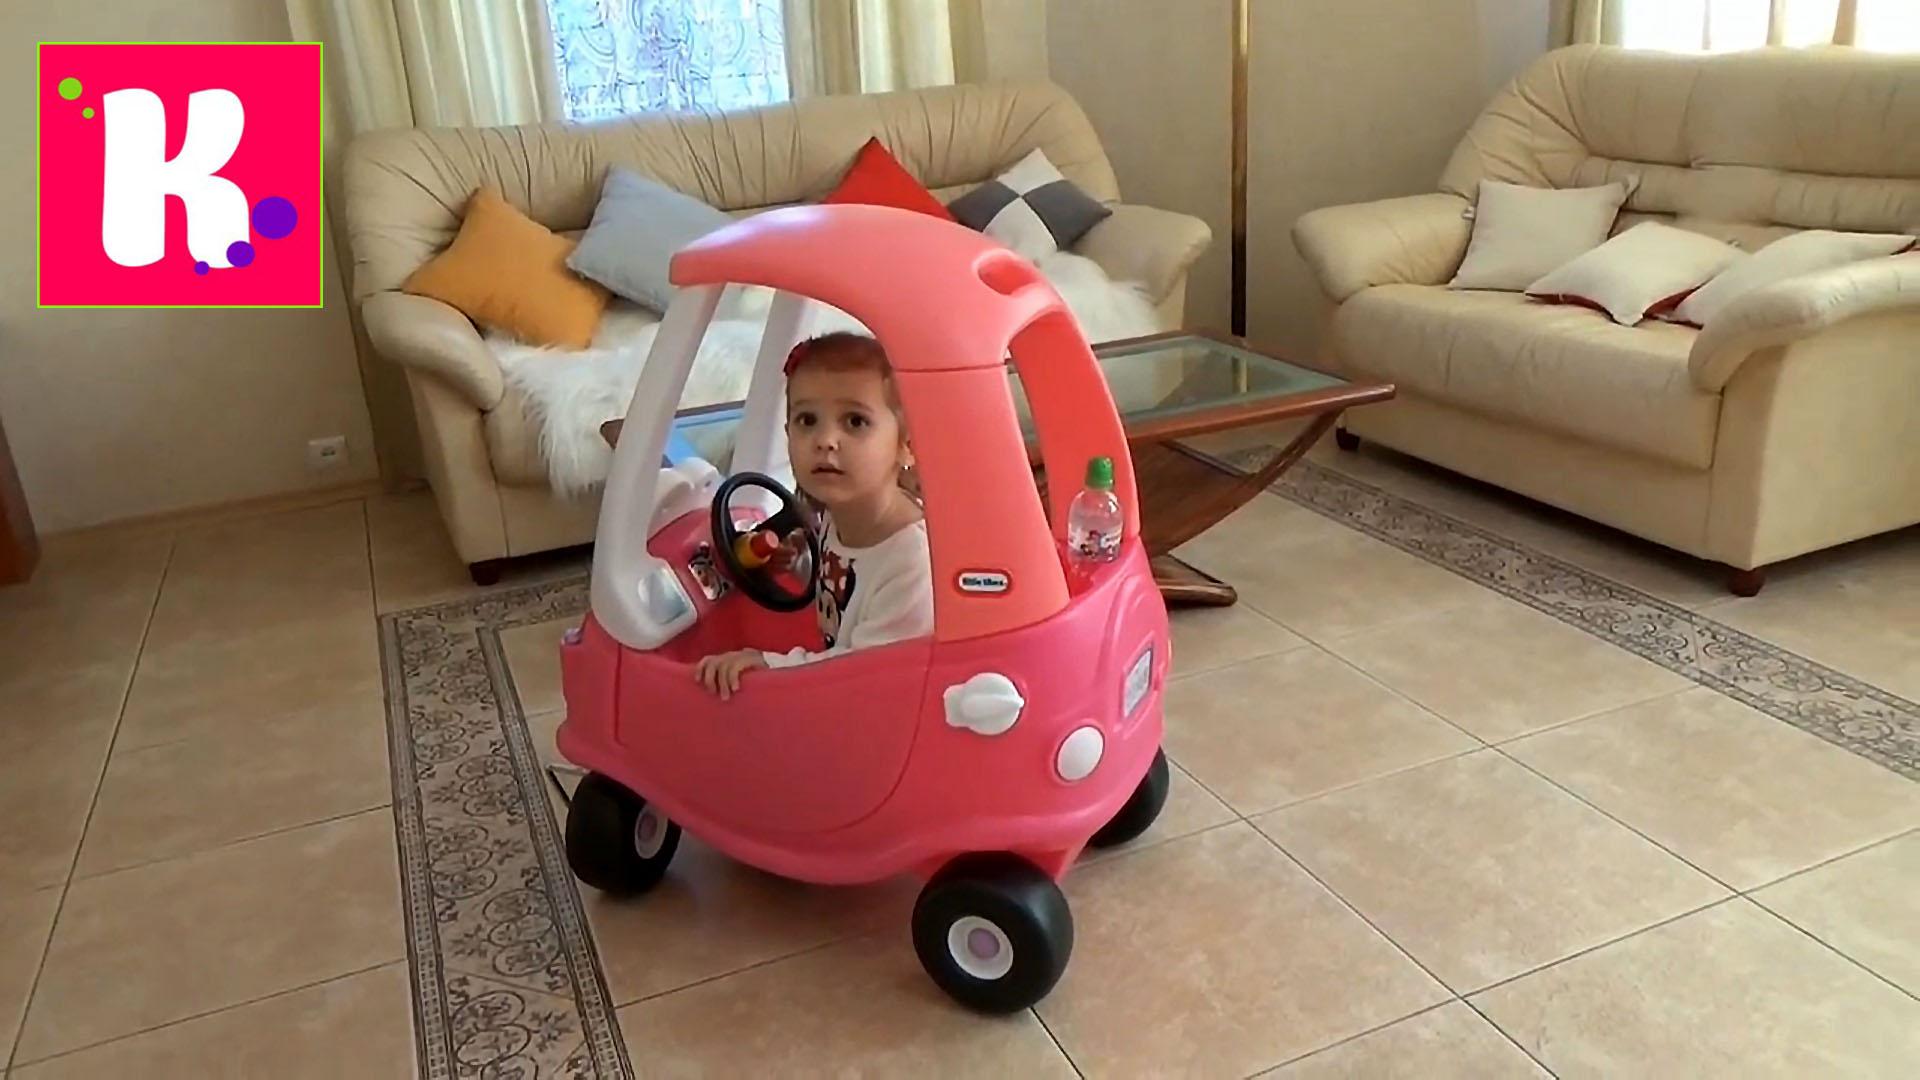 У Мисс Кэти большая розовая машинка каталка собираем и устраиваем гонки с трактором Мистер Макс  Little Tikie car toy